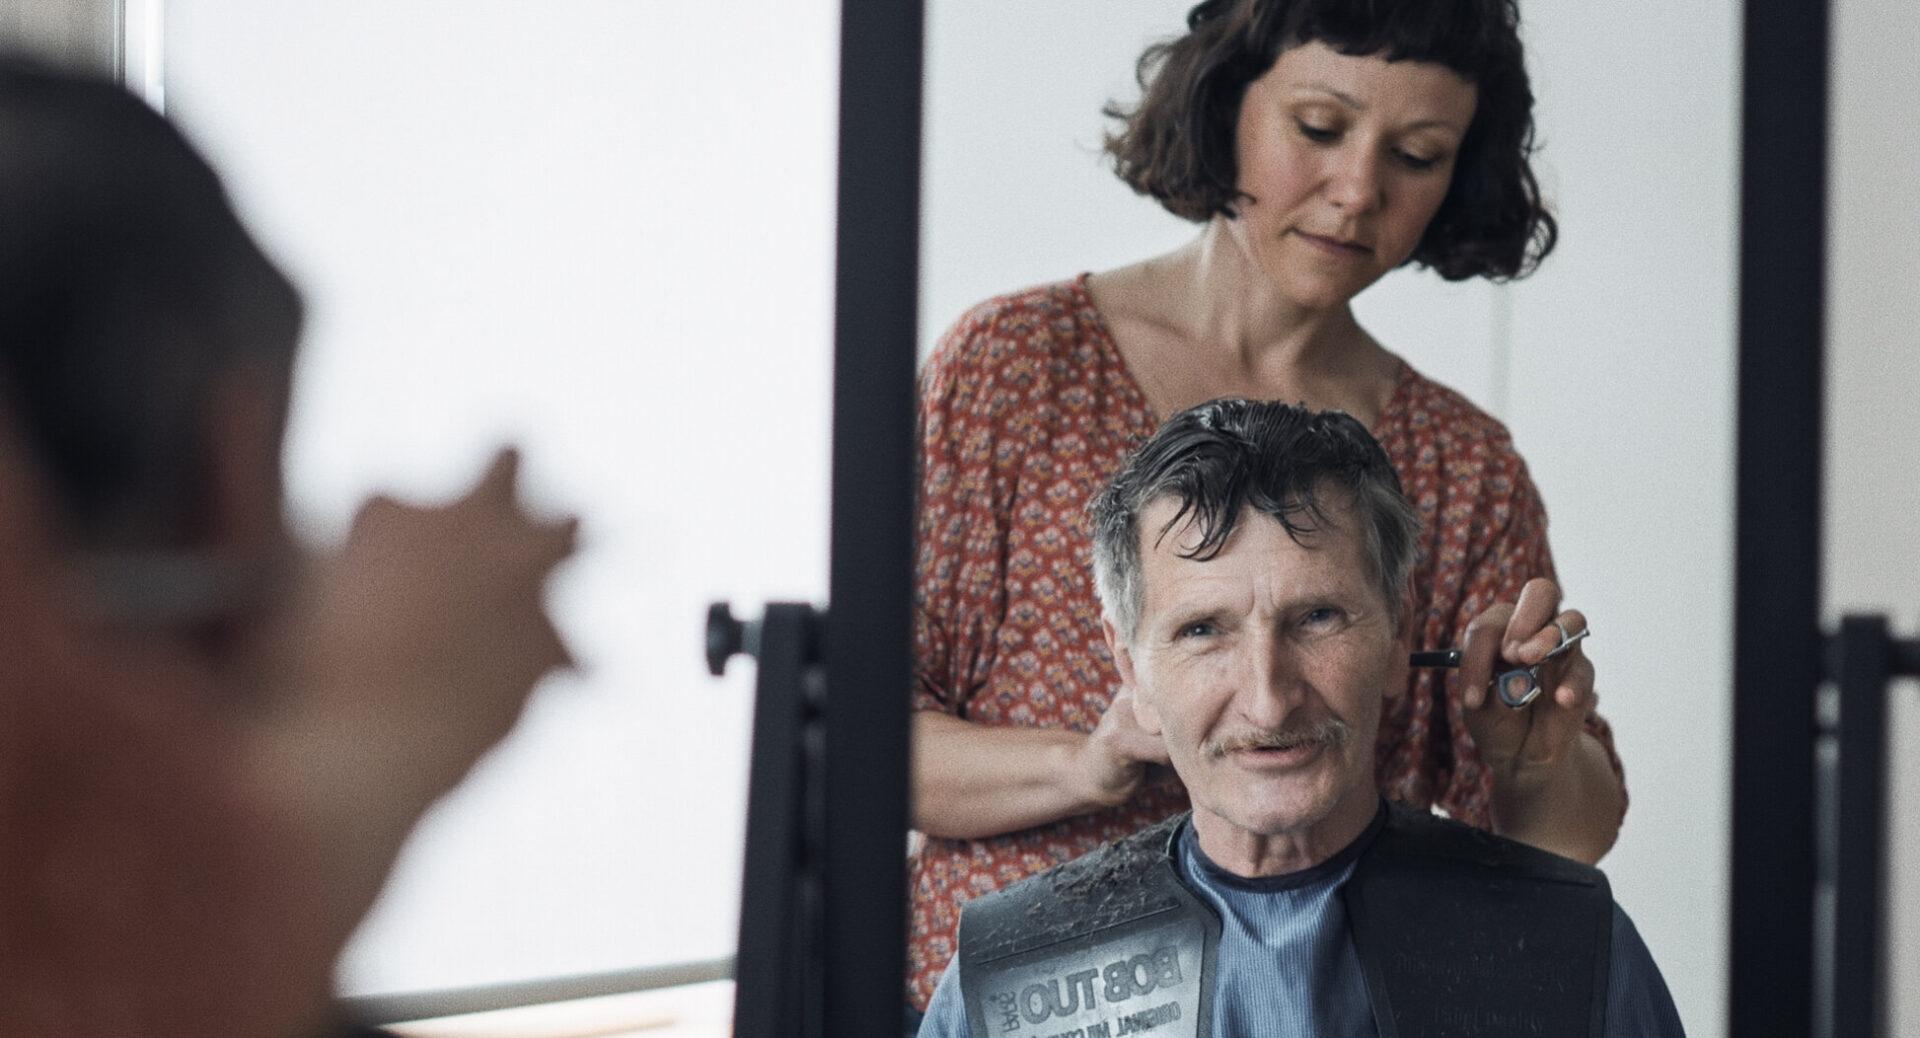 Nachmittagskino:<br>Im Spiegel - Dokumentarfilm